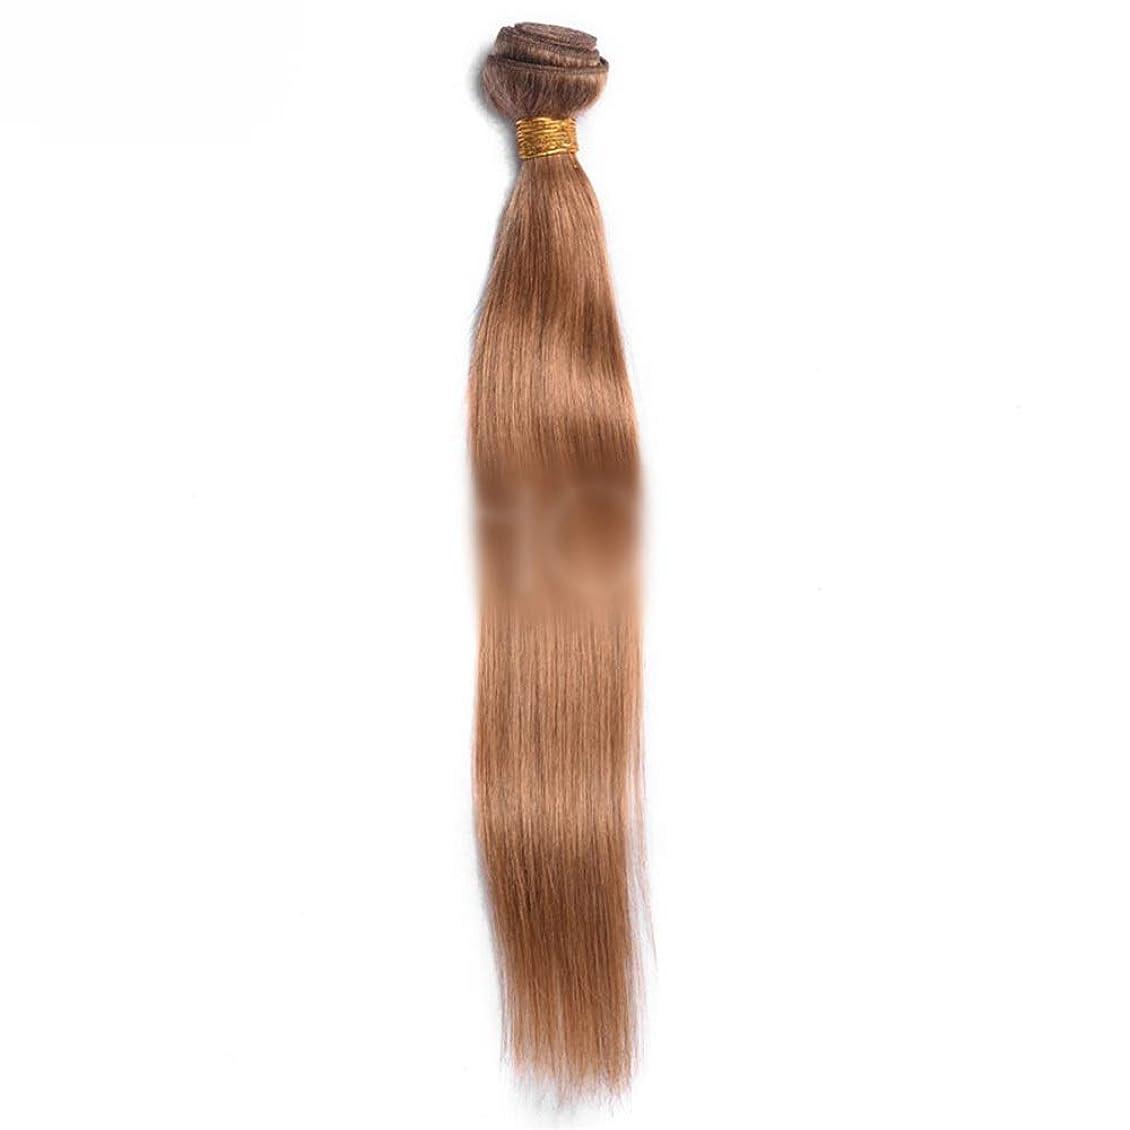 土かんたん効能BOBIDYEE オンブルバージンヘアストレートレミー人間の毛髪延長横糸 - 27#茶色の髪の束(1バンドル)合成髪レースかつらロールプレイングかつら長くて短い女性自然 (色 : ブラウン, サイズ : 16 inch)